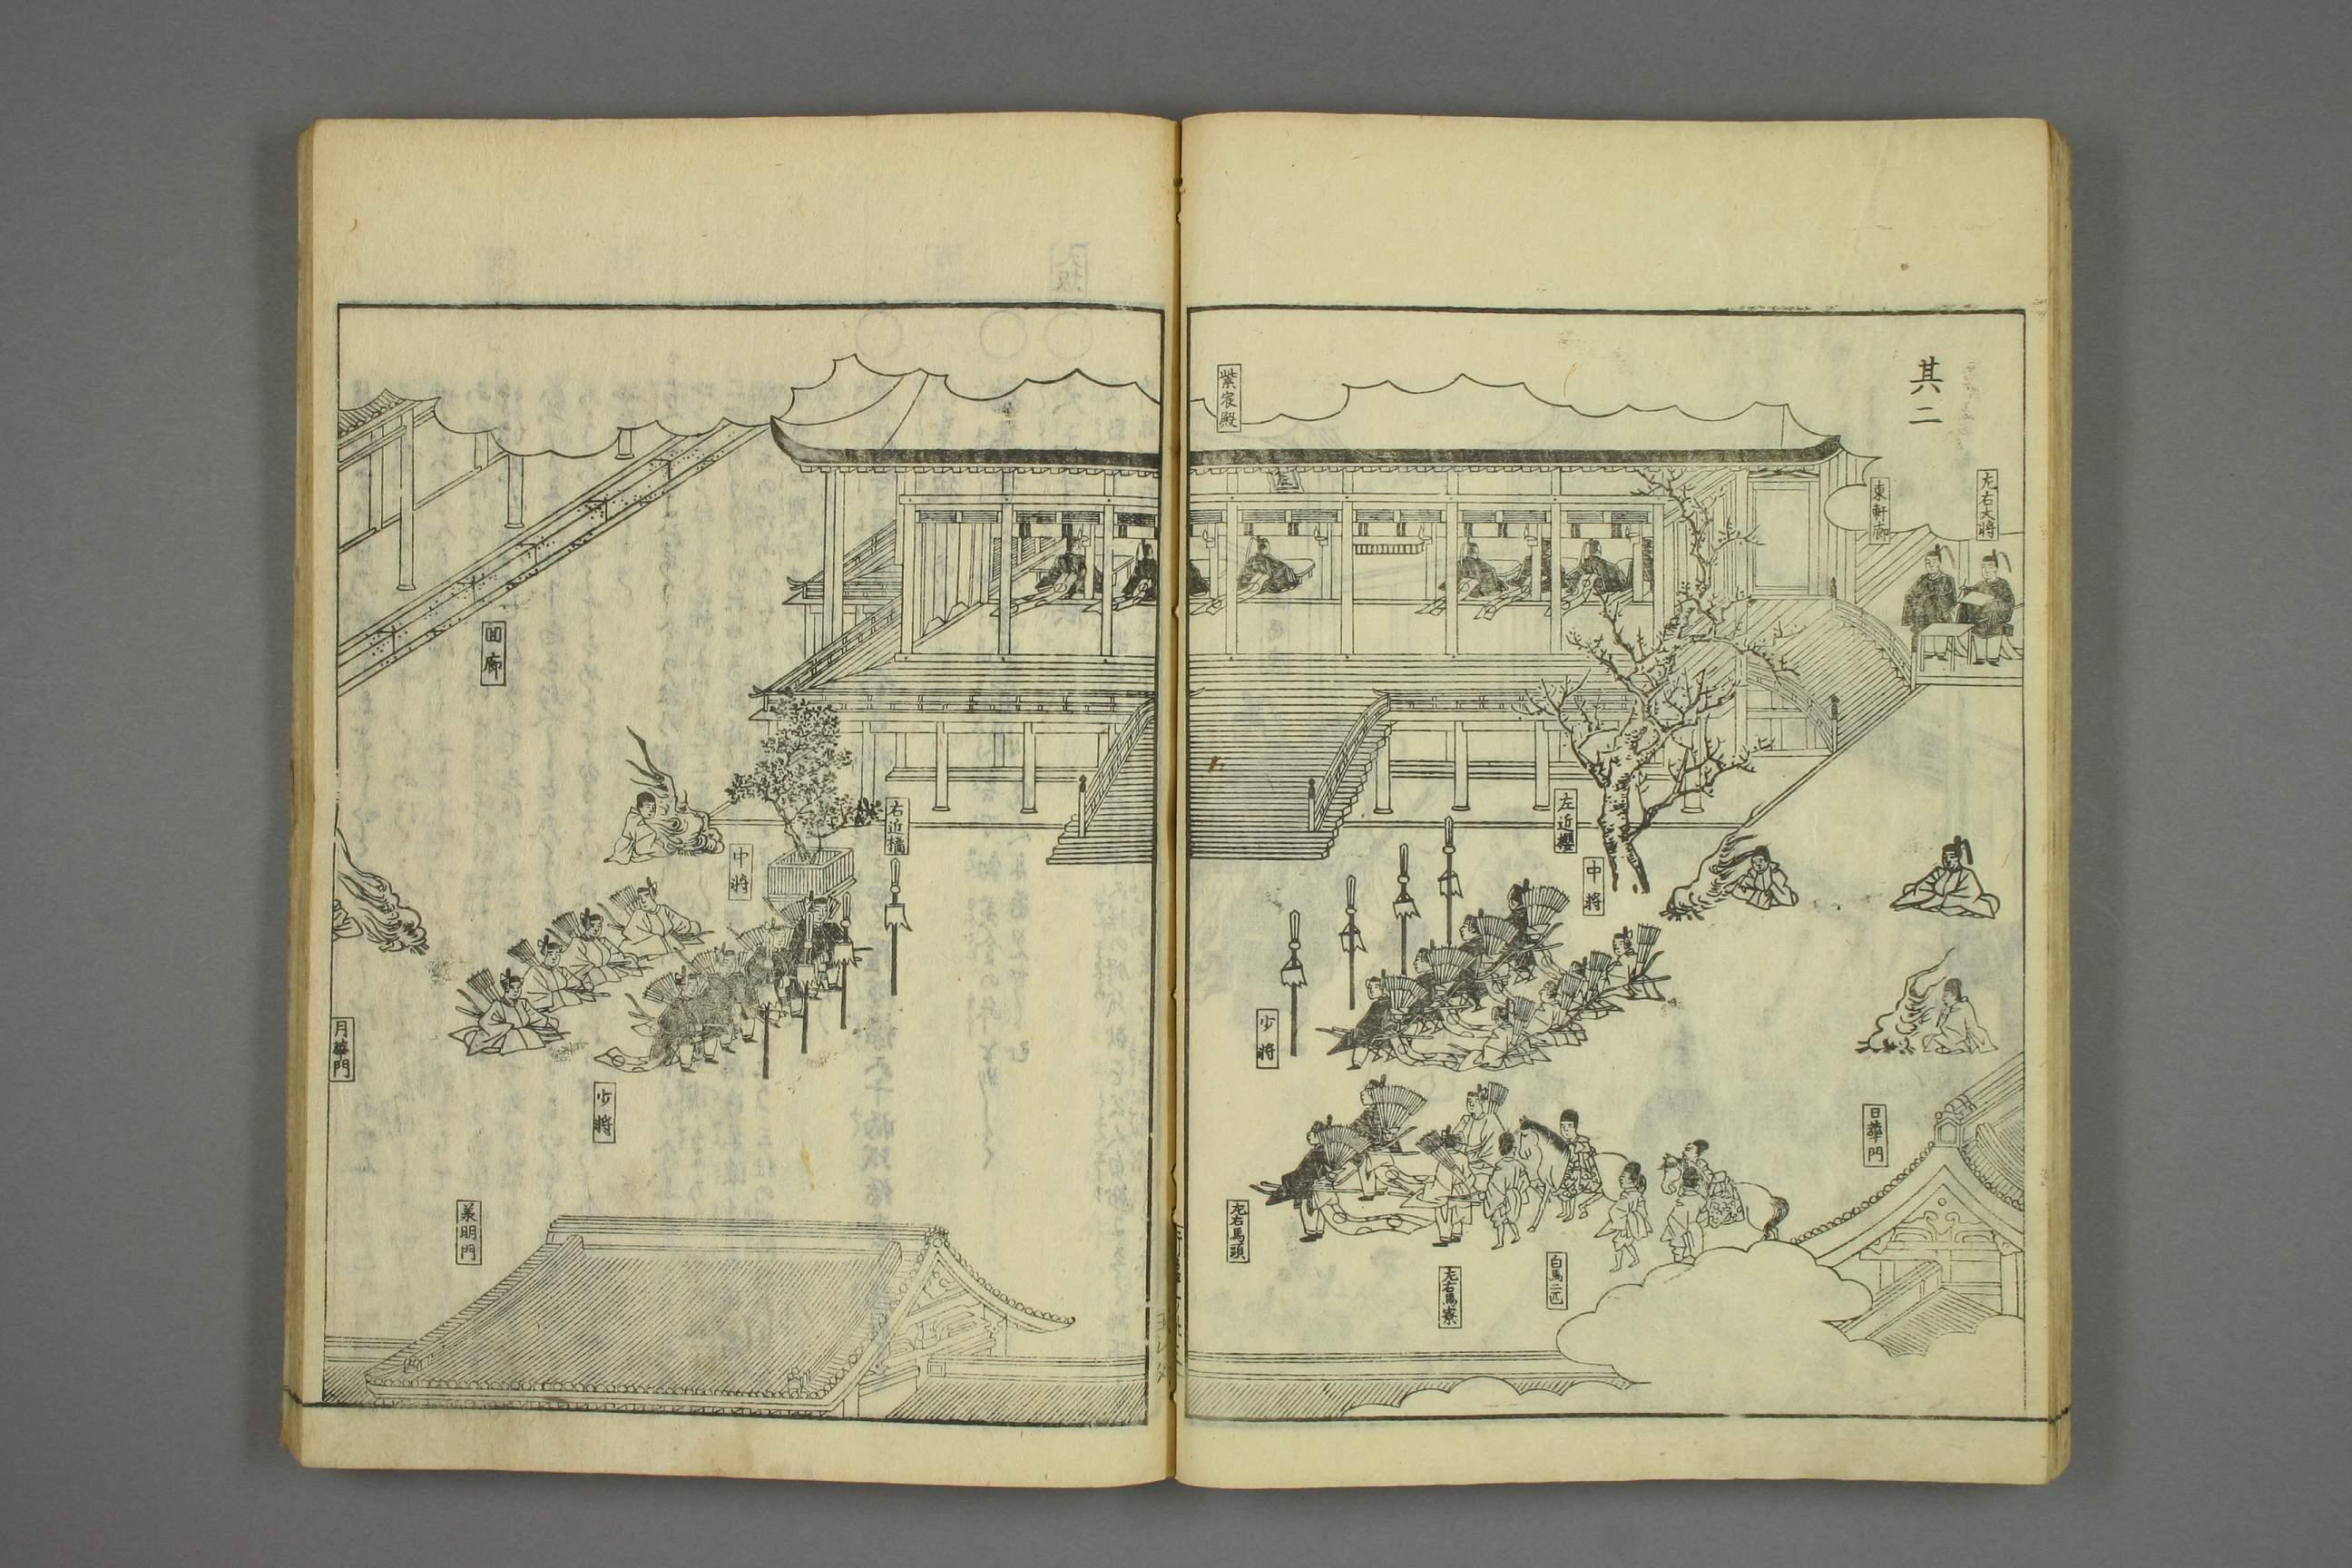 http://archive.wul.waseda.ac.jp/kosho/wo06/wo06_03382/wo06_03382_0001/wo06_03382_0001_p0027.jpg